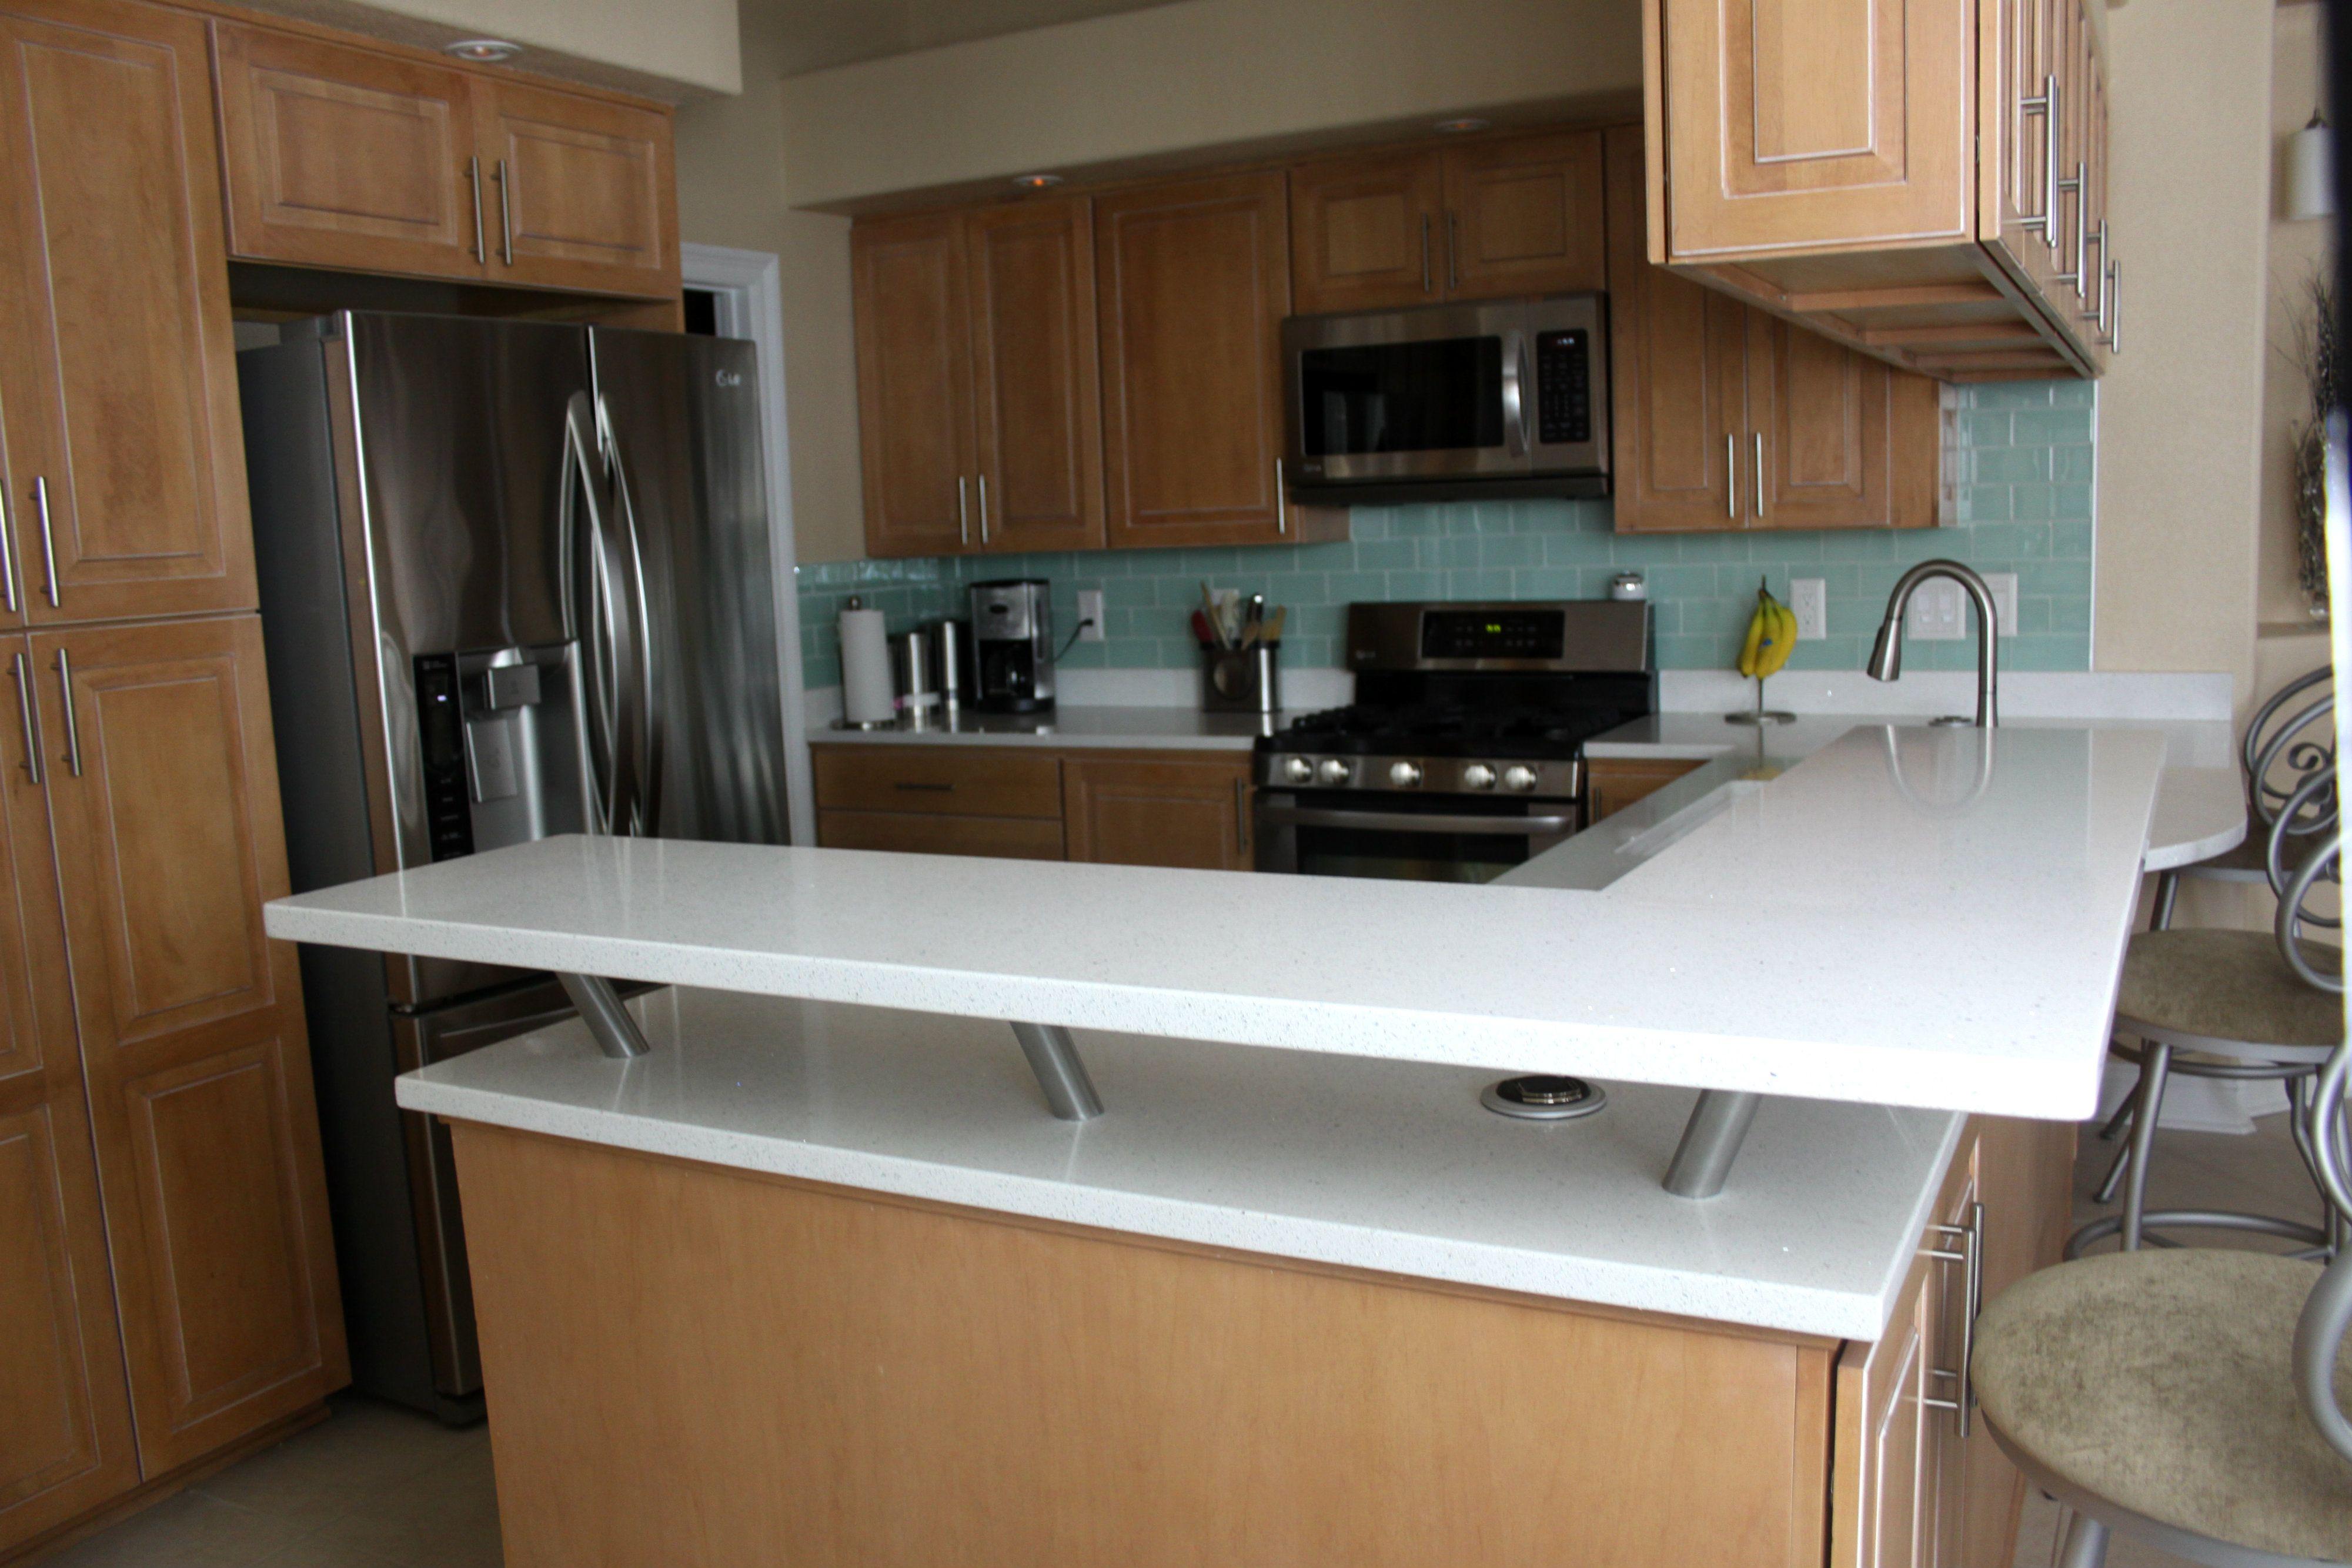 MSI Sparkling White Quartz Kitchen Countertops #SuperiorGranite #Quartz  #QuartzCountertops #Pensacola #Florida